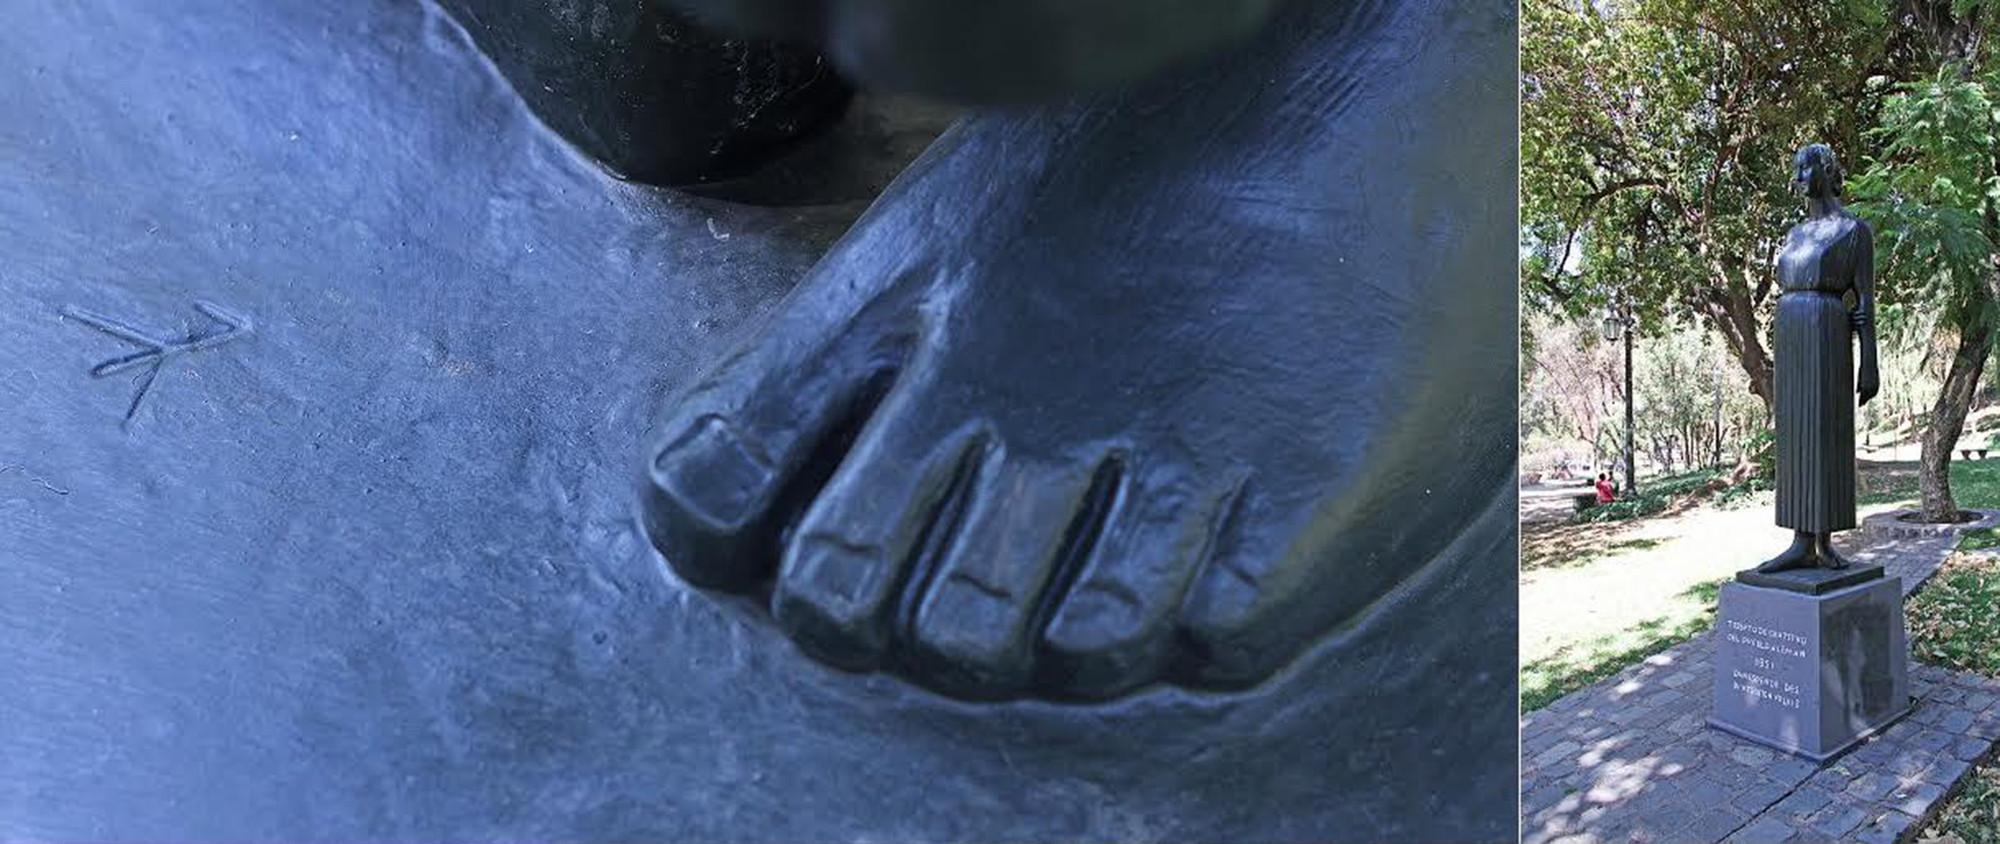 Detalle de la firma de Gerhard Marks en escultura donada por el gobierno de Alemania a Chile en 1951, actualmente en el Cerro Santa Lucía.. Image © Gonzalo Vargas Malinowski